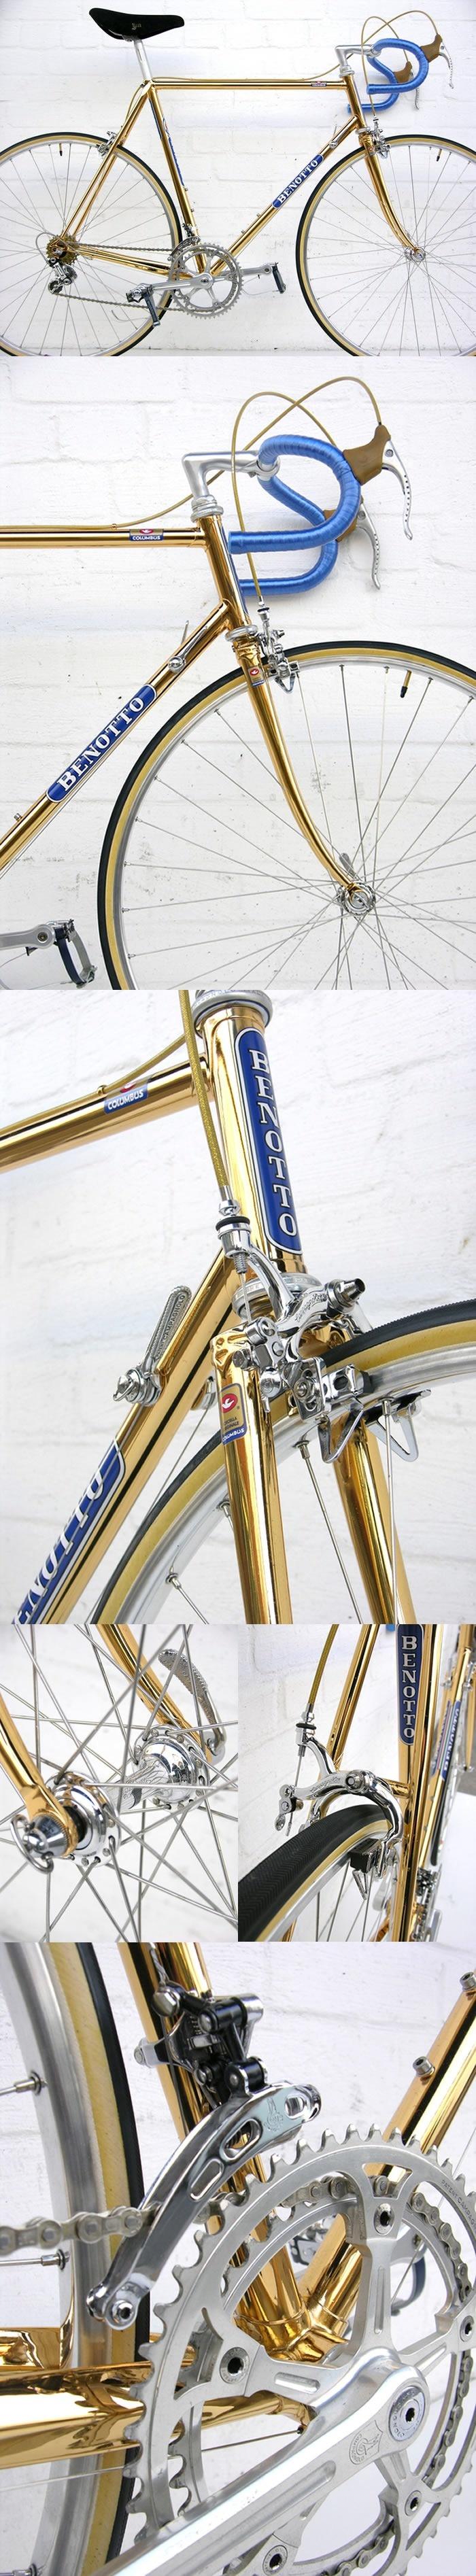 108 besten Bicycle Bilder auf Pinterest | Fahrräder, Radfahren und ...